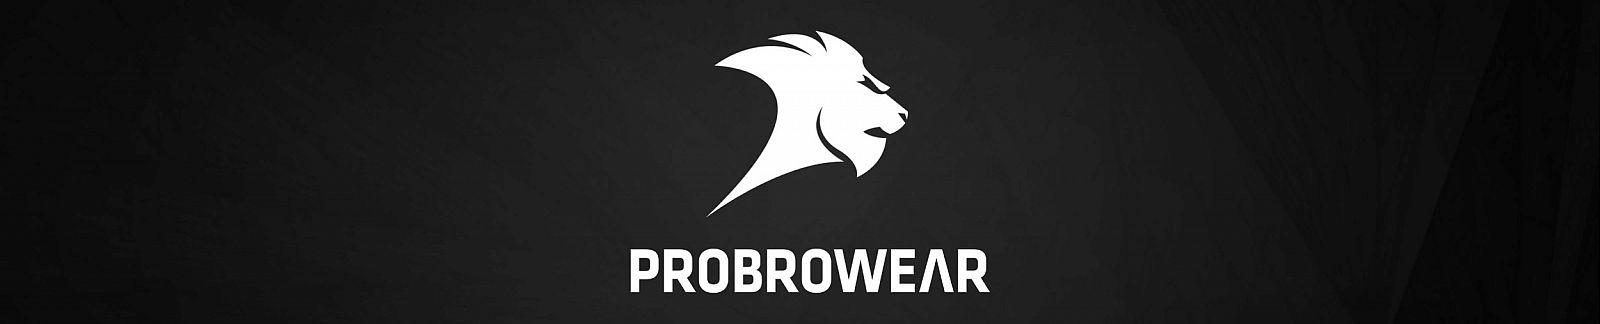 probrowear1-zuschnitt-klein